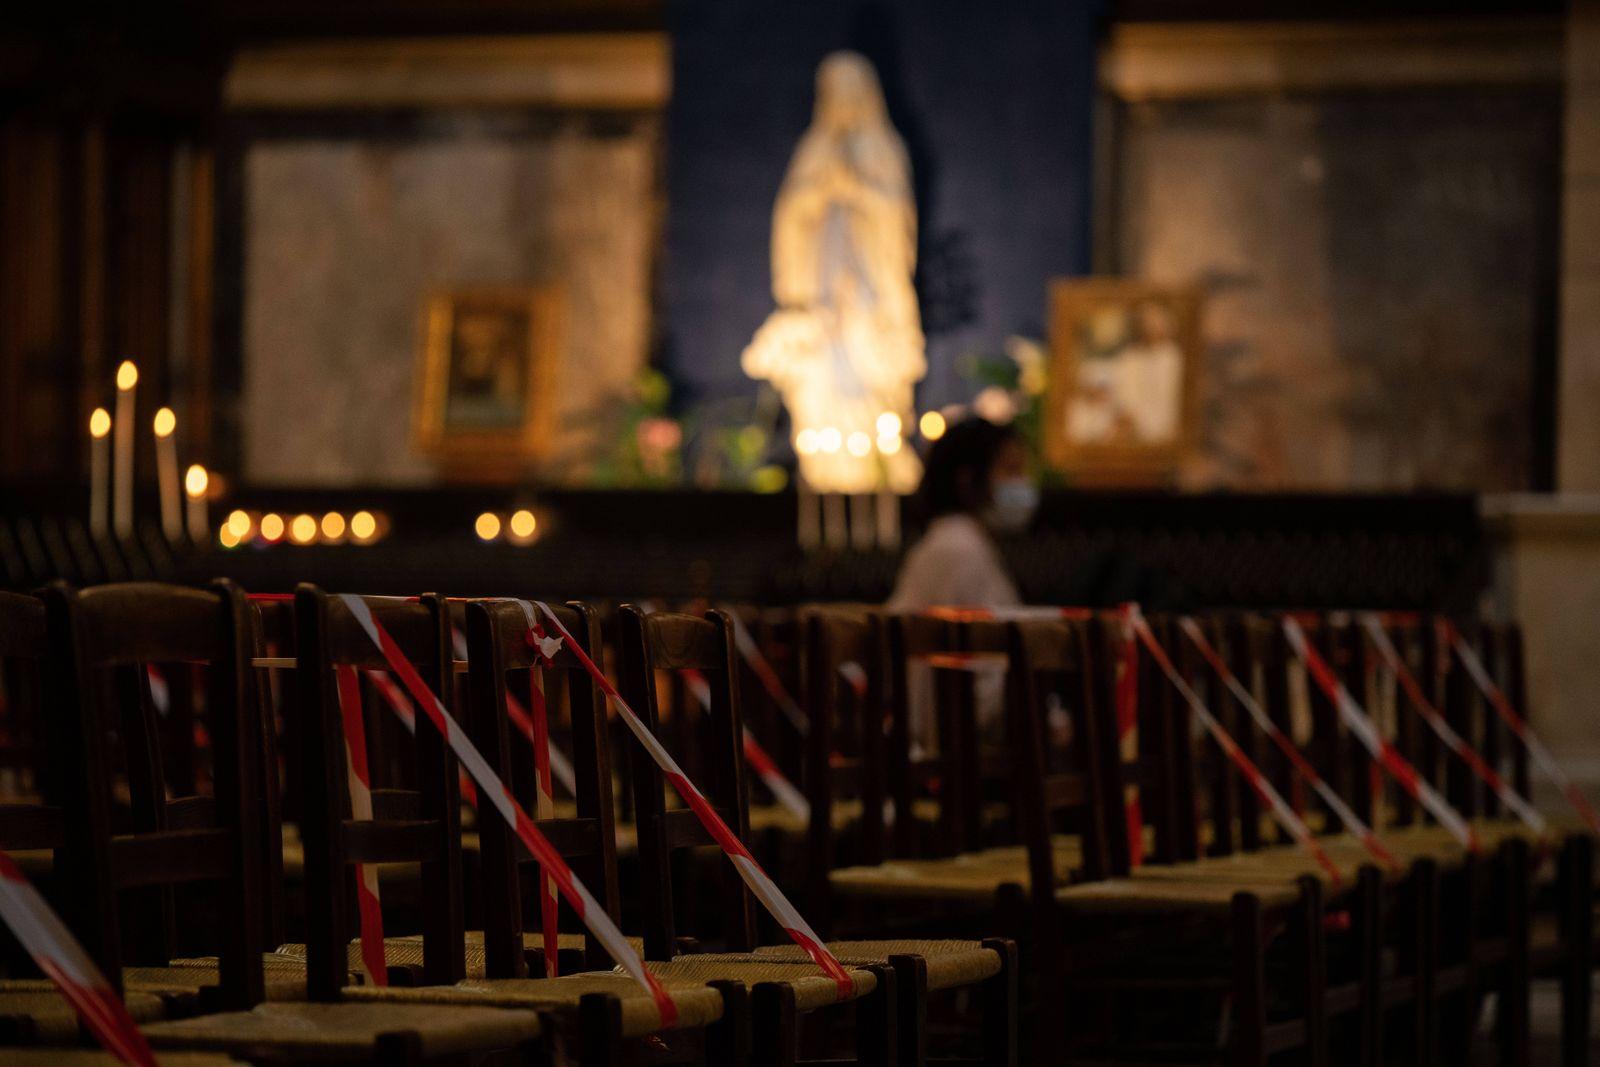 FRANCE - PARIS - LA MADELEINE CHURCH PENTECOST MASS Christian believers join La Madeleine church mass for the Pentecost